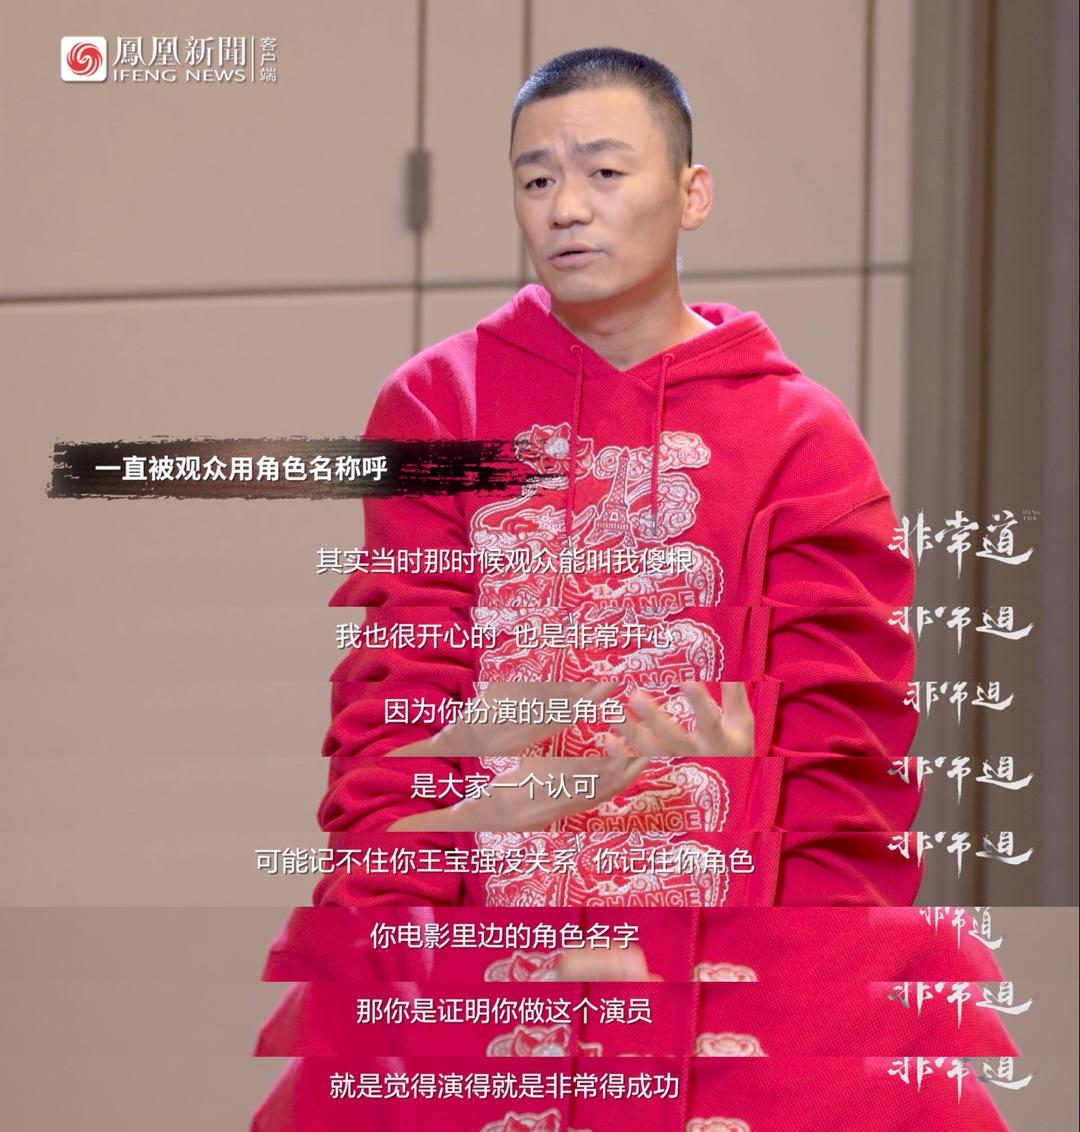 王宝强:其实我最想演功夫片 | 非常道实录